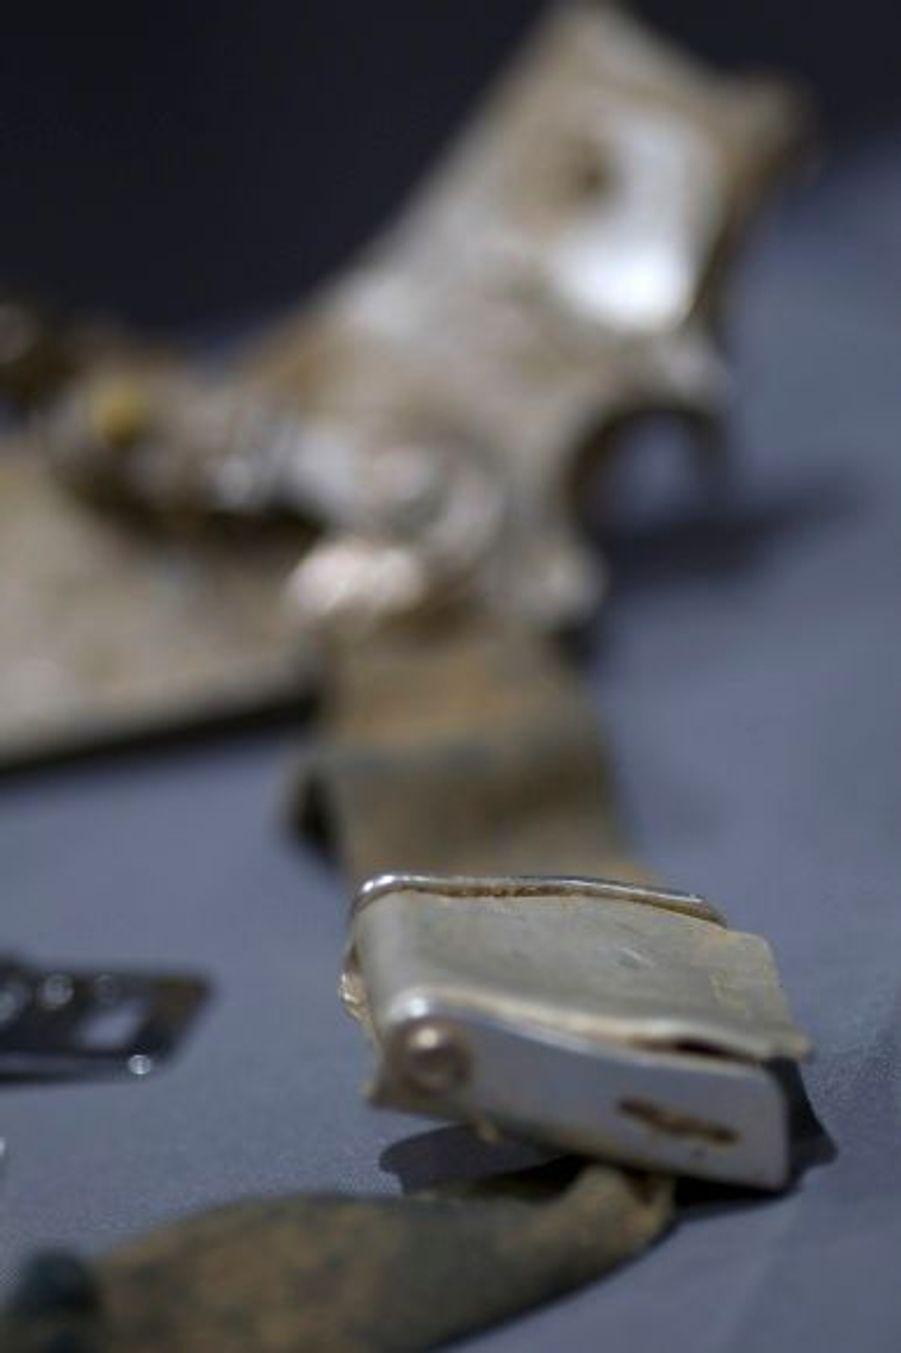 Une ceinture de sécurité provenant du vol 93, qui s'est écrasé à Shanksville.